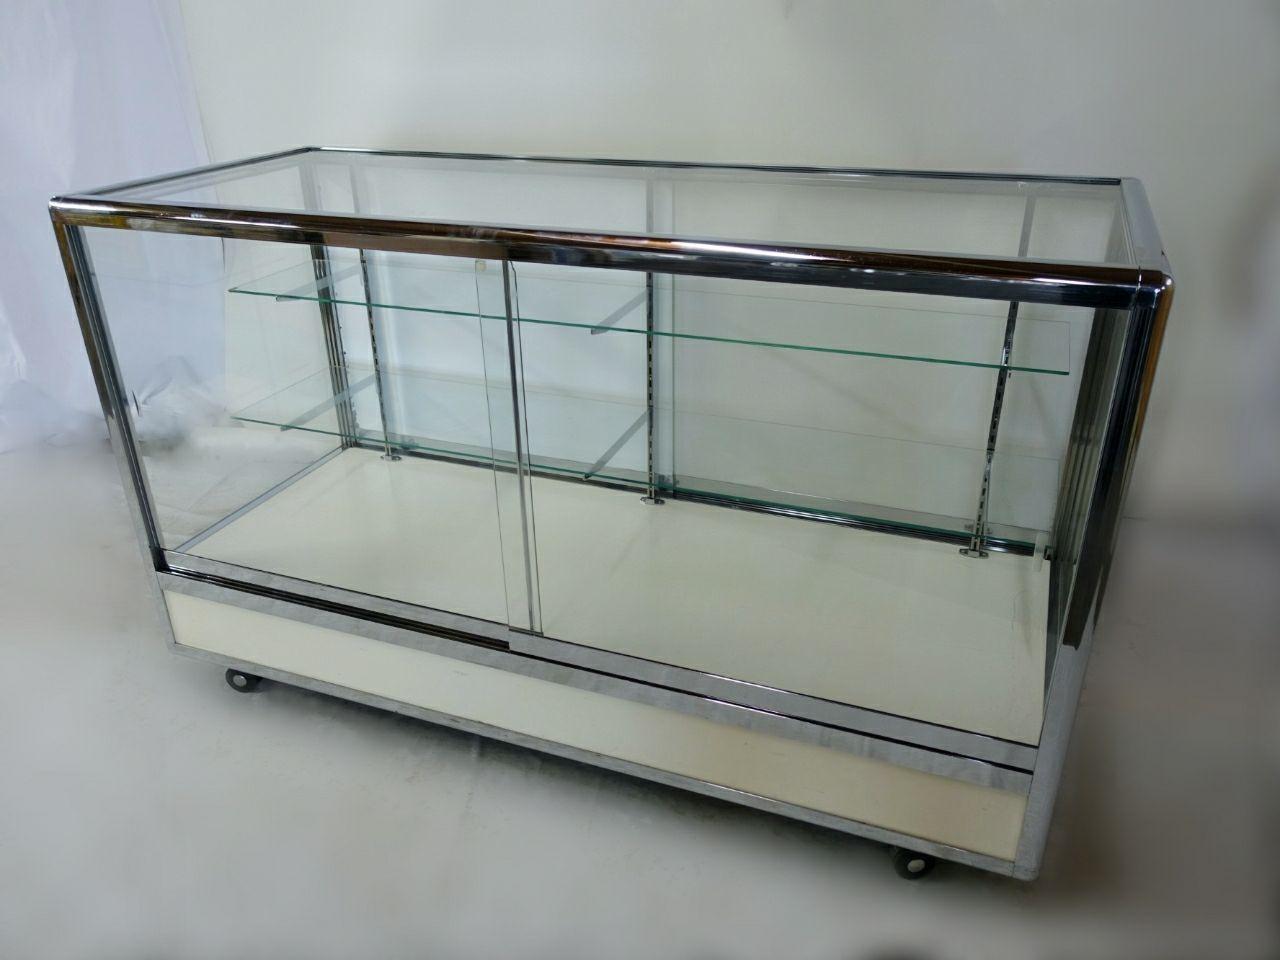 ガラス ショーケース レンタル フナヤマ